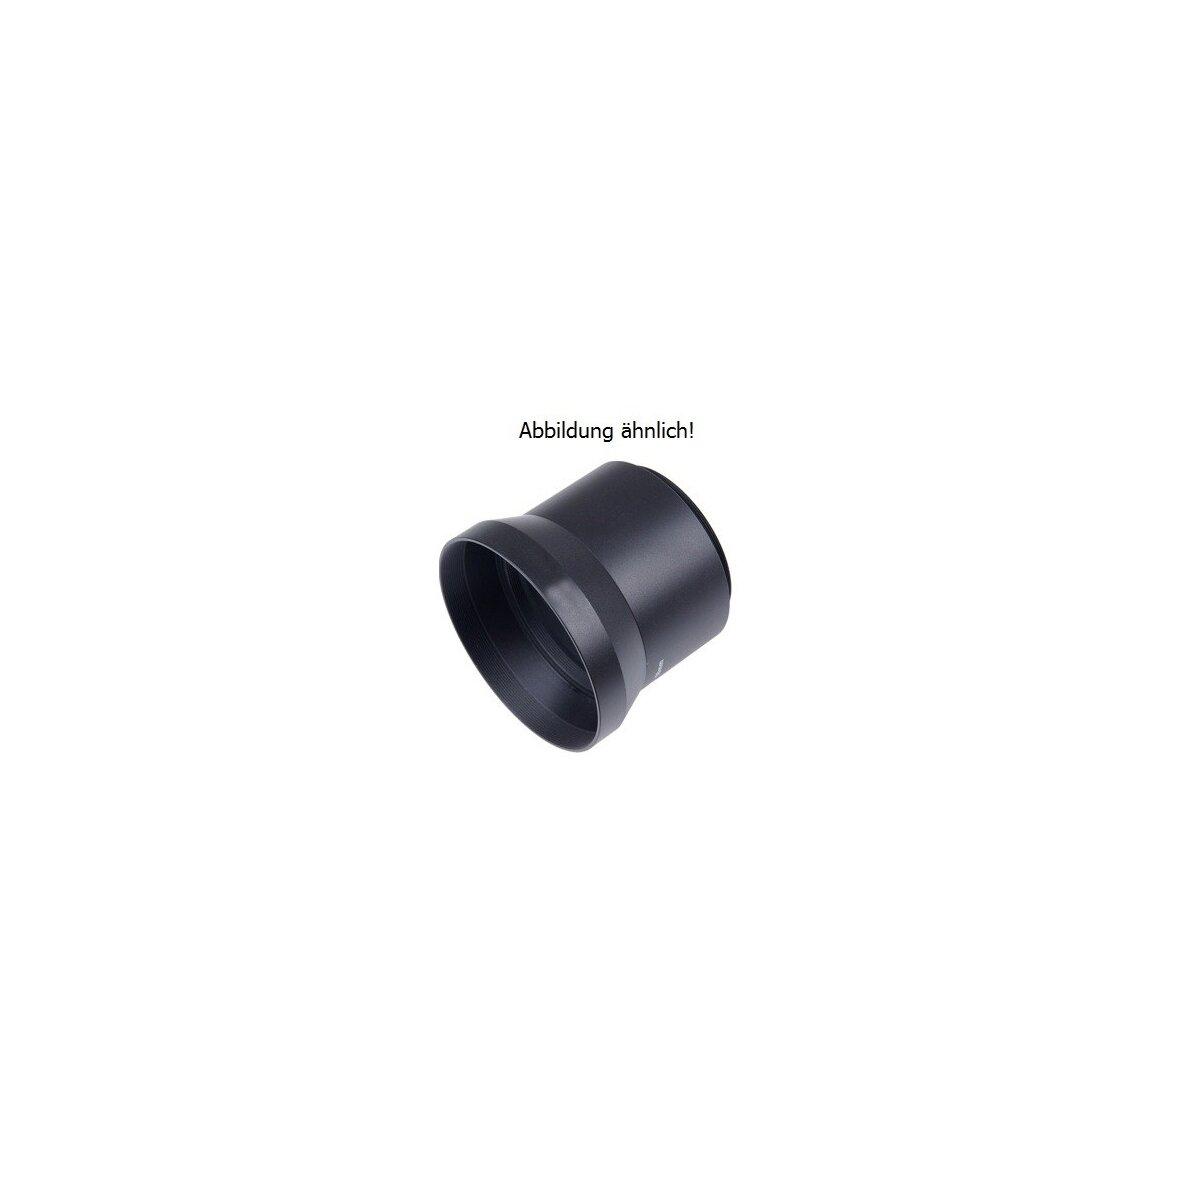 Adaptertubus fuer Nikon CoolPix P5000 und P5100 mit 52mm